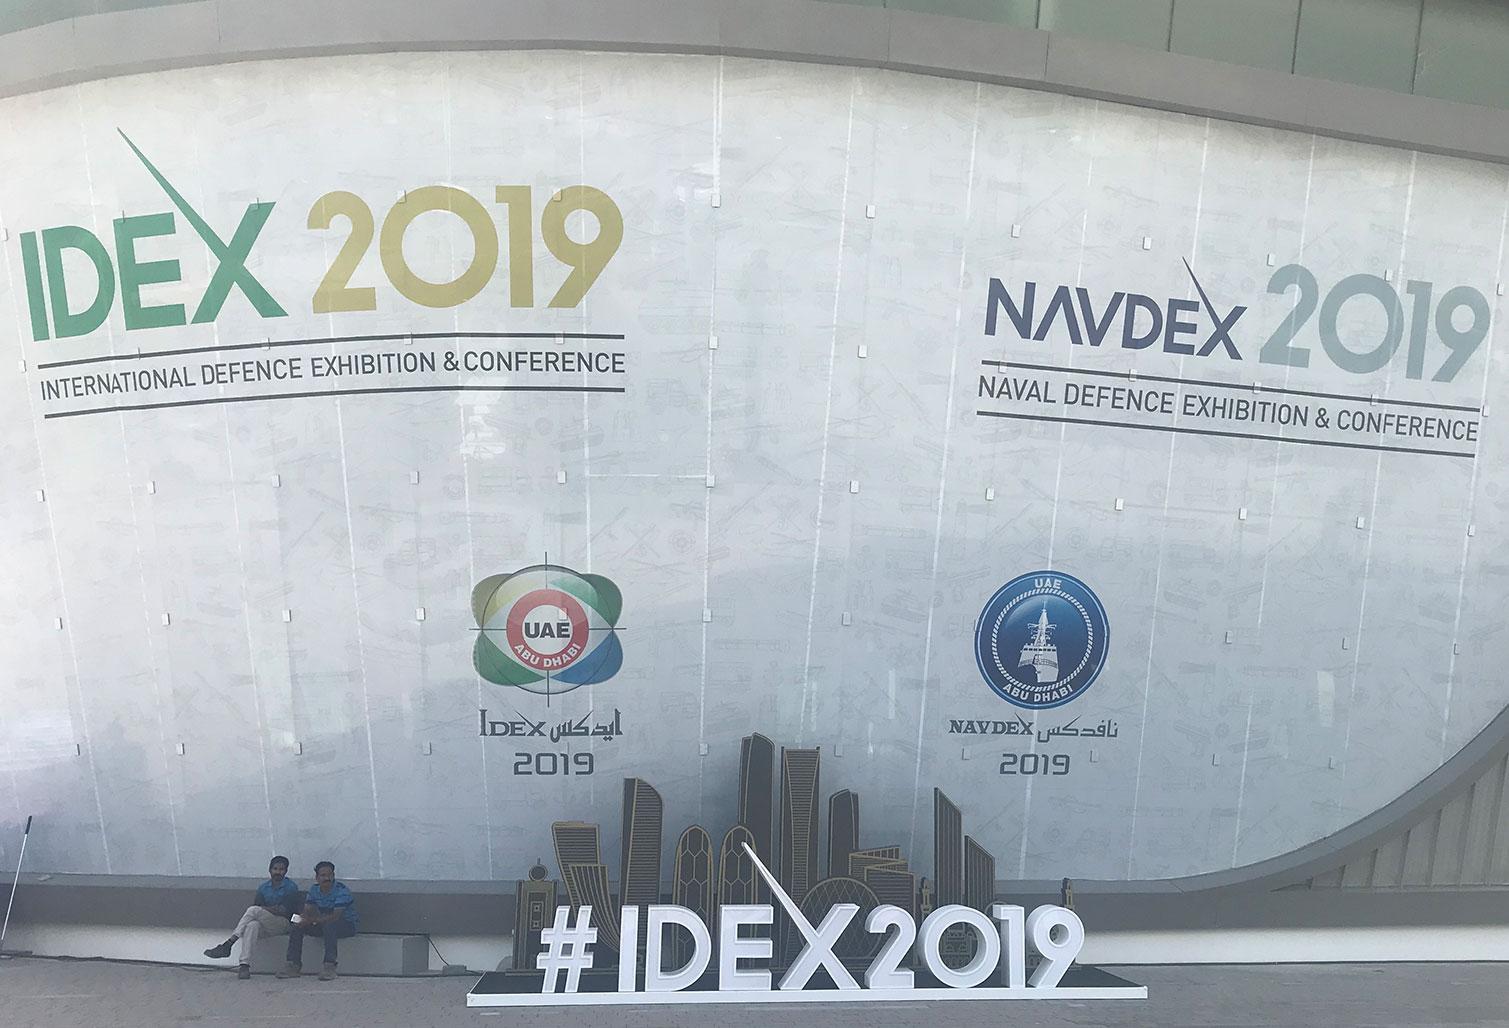 LGE_Idex_4